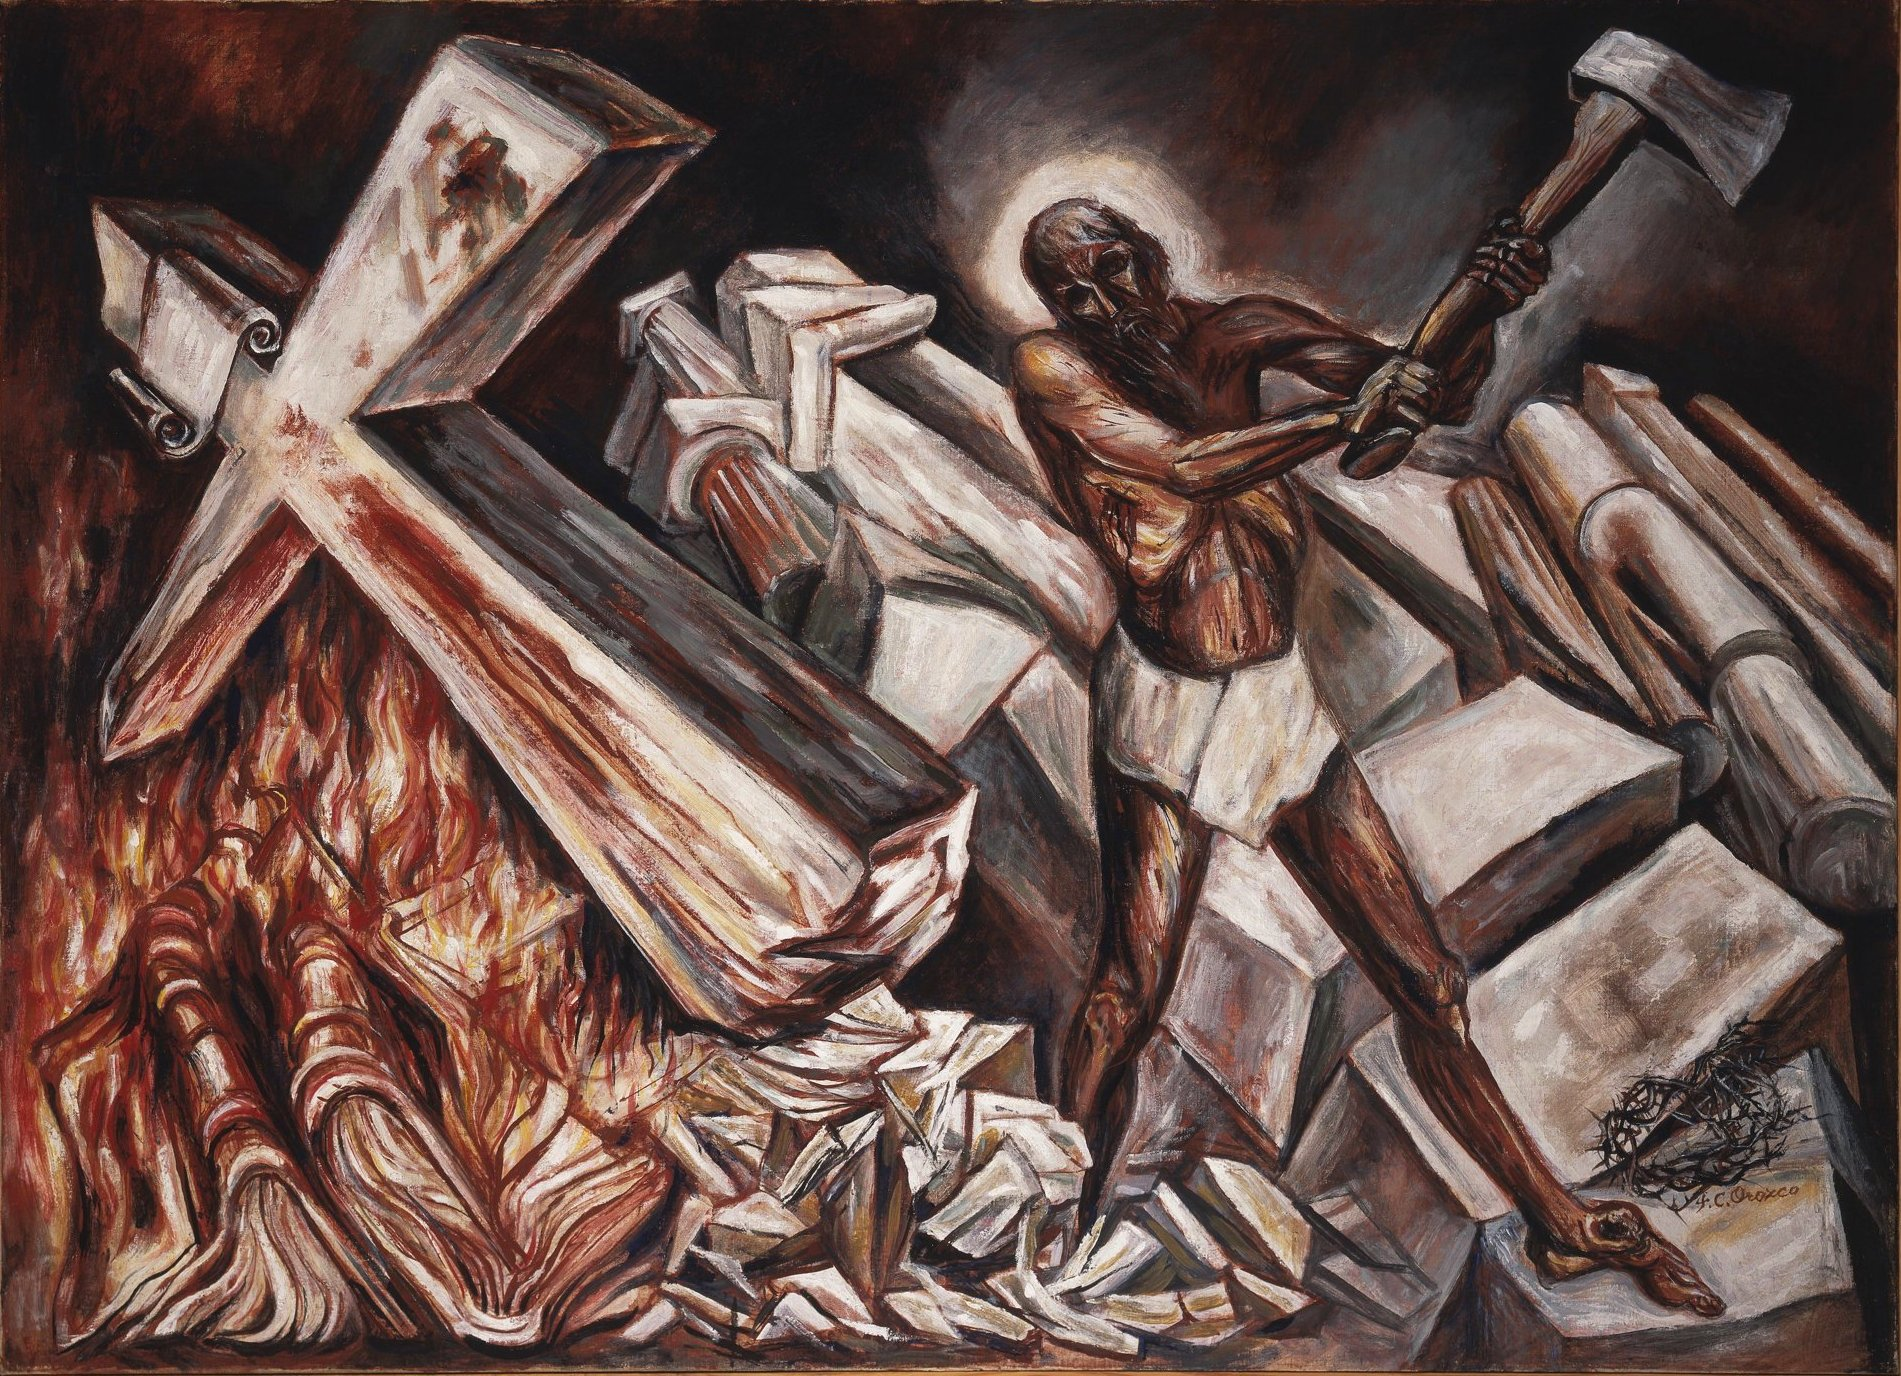 José Clemente Orozco Cristo destruye su cruz (1943). ©Museo de Arte Carrillo Gil, Città del Messico